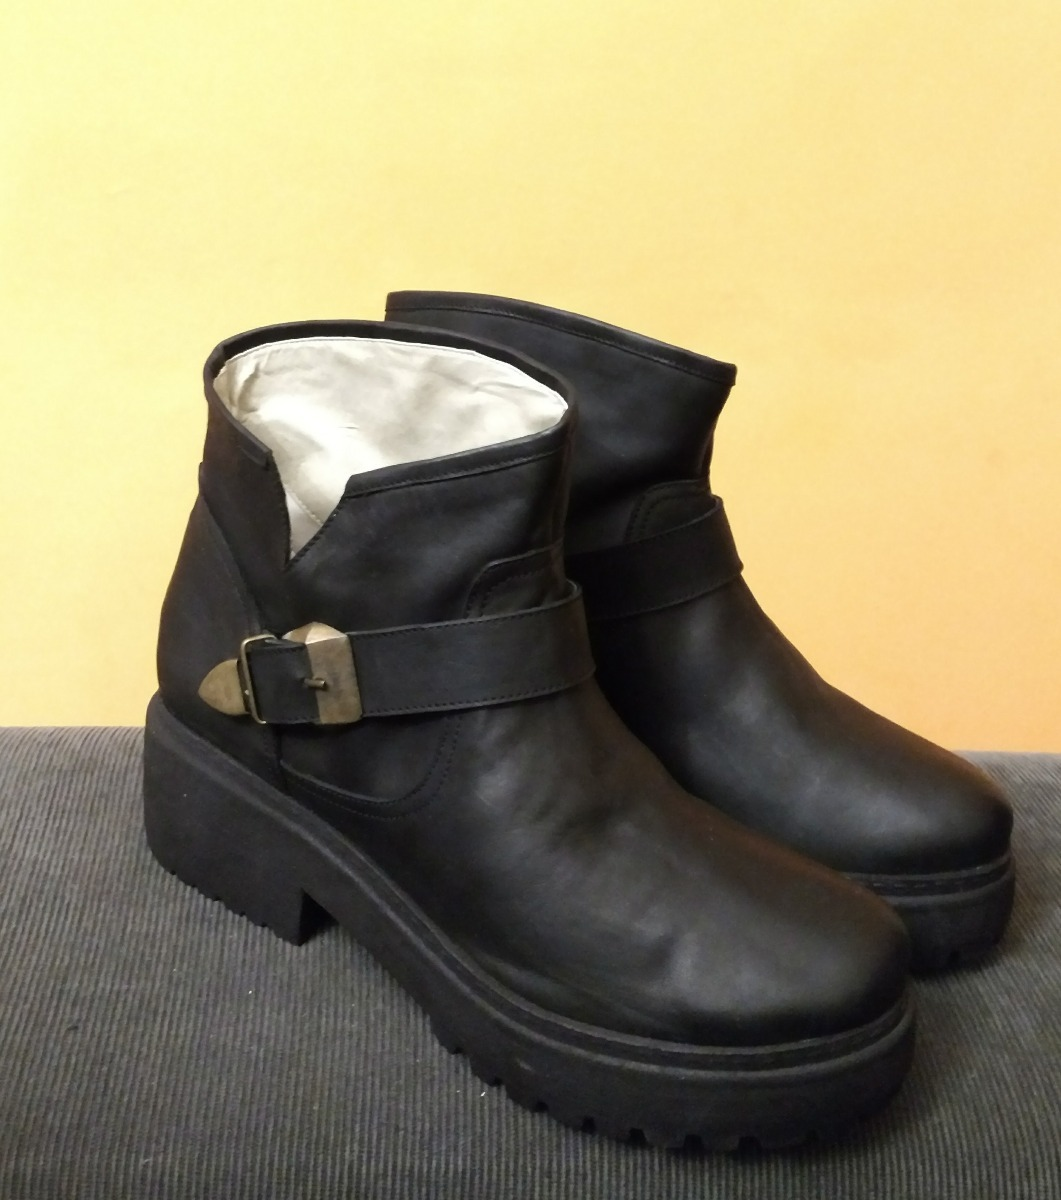 7f6e0aa8ea0 borcego hebilla de vista bota mujer botineta zapatobotinado. Cargando zoom.